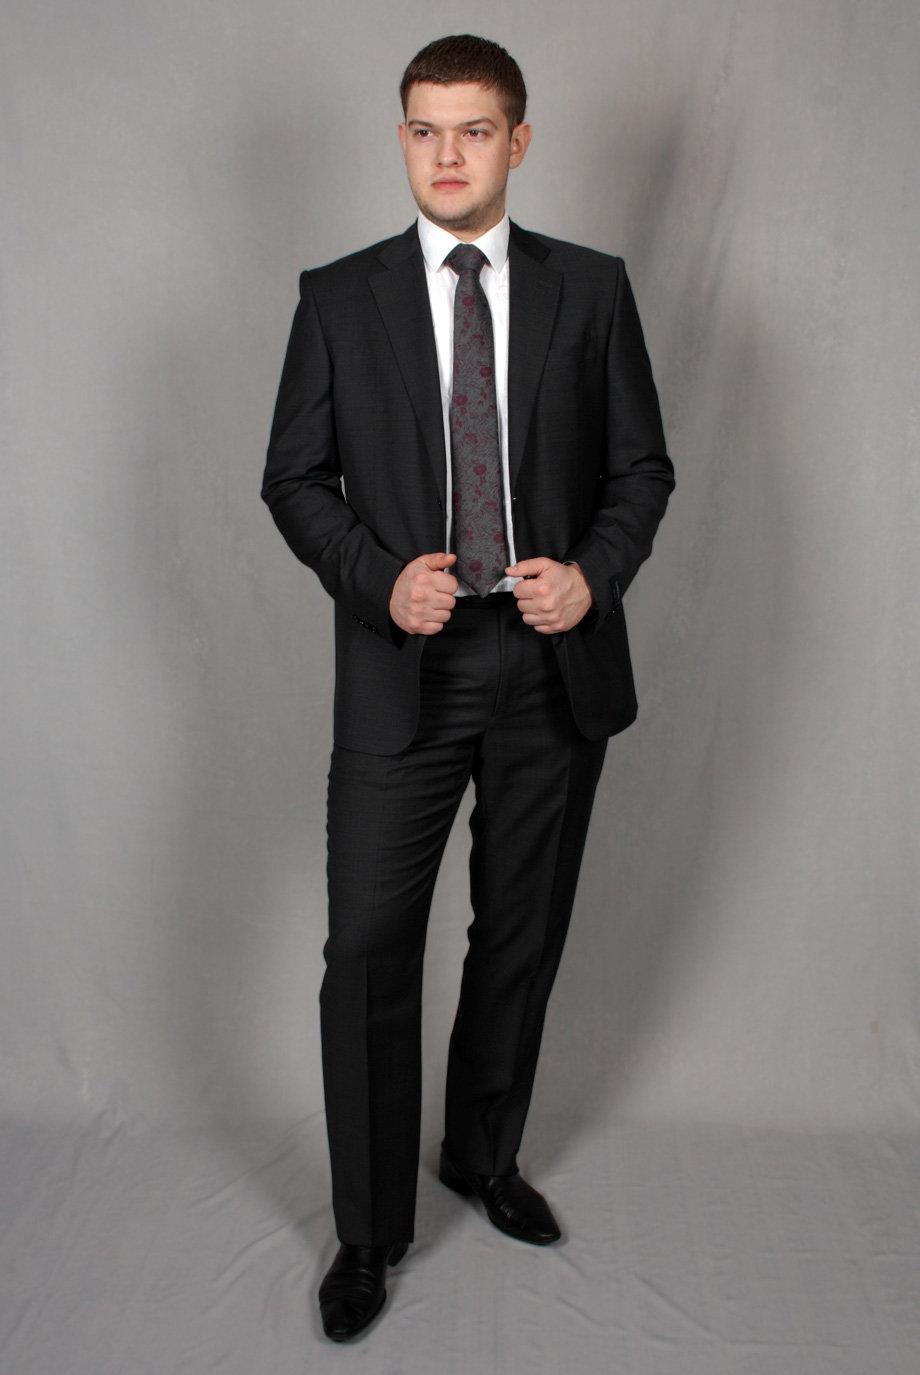 декоративное мужской фотошаблон в бизнес стиле пейсах соблюсти кашрут